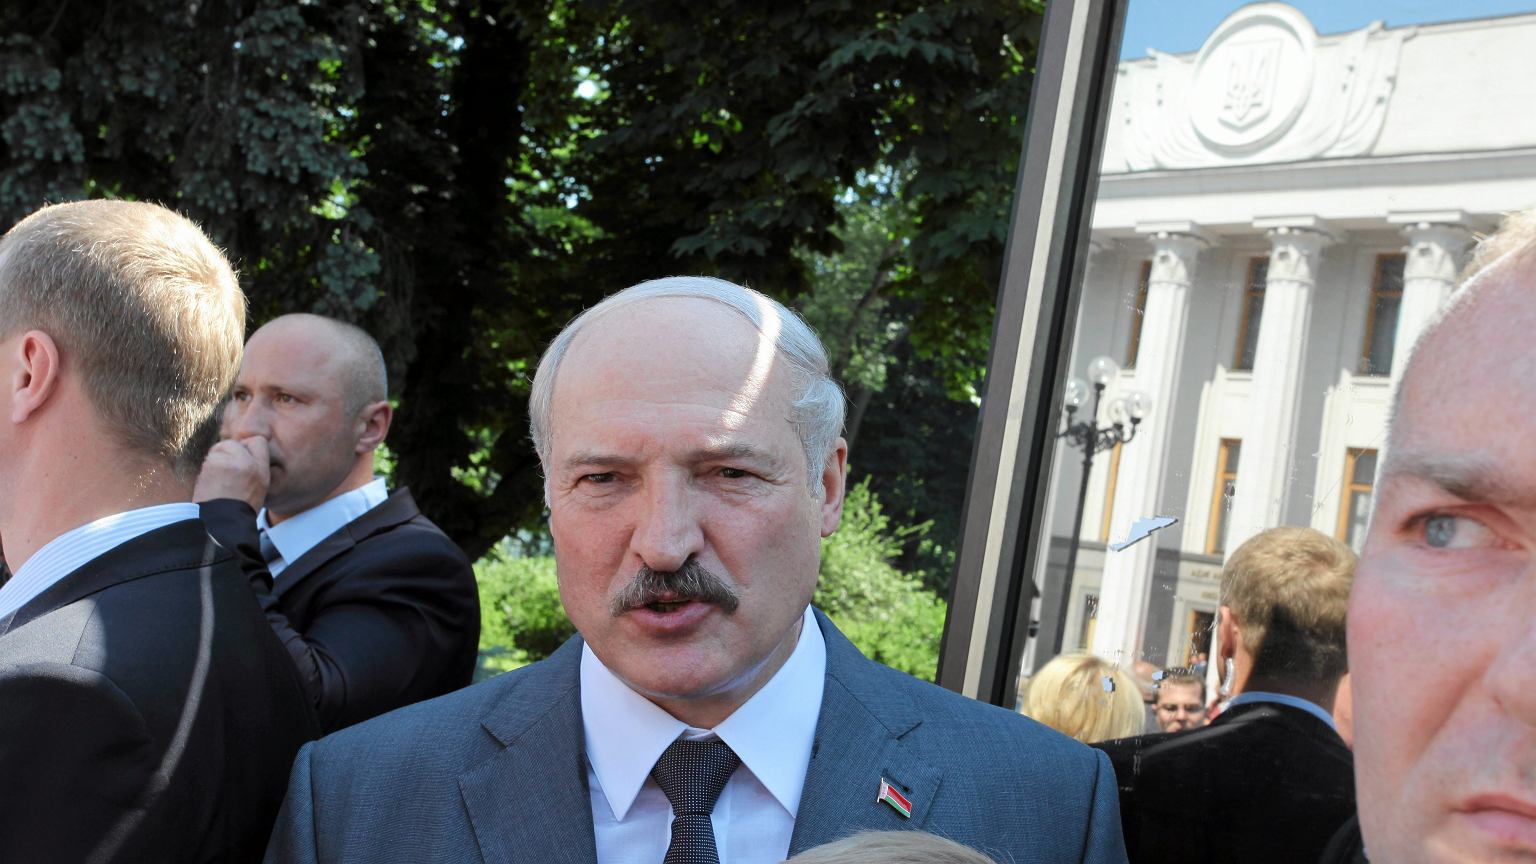 Alexander Lukashenka, President of Belarus